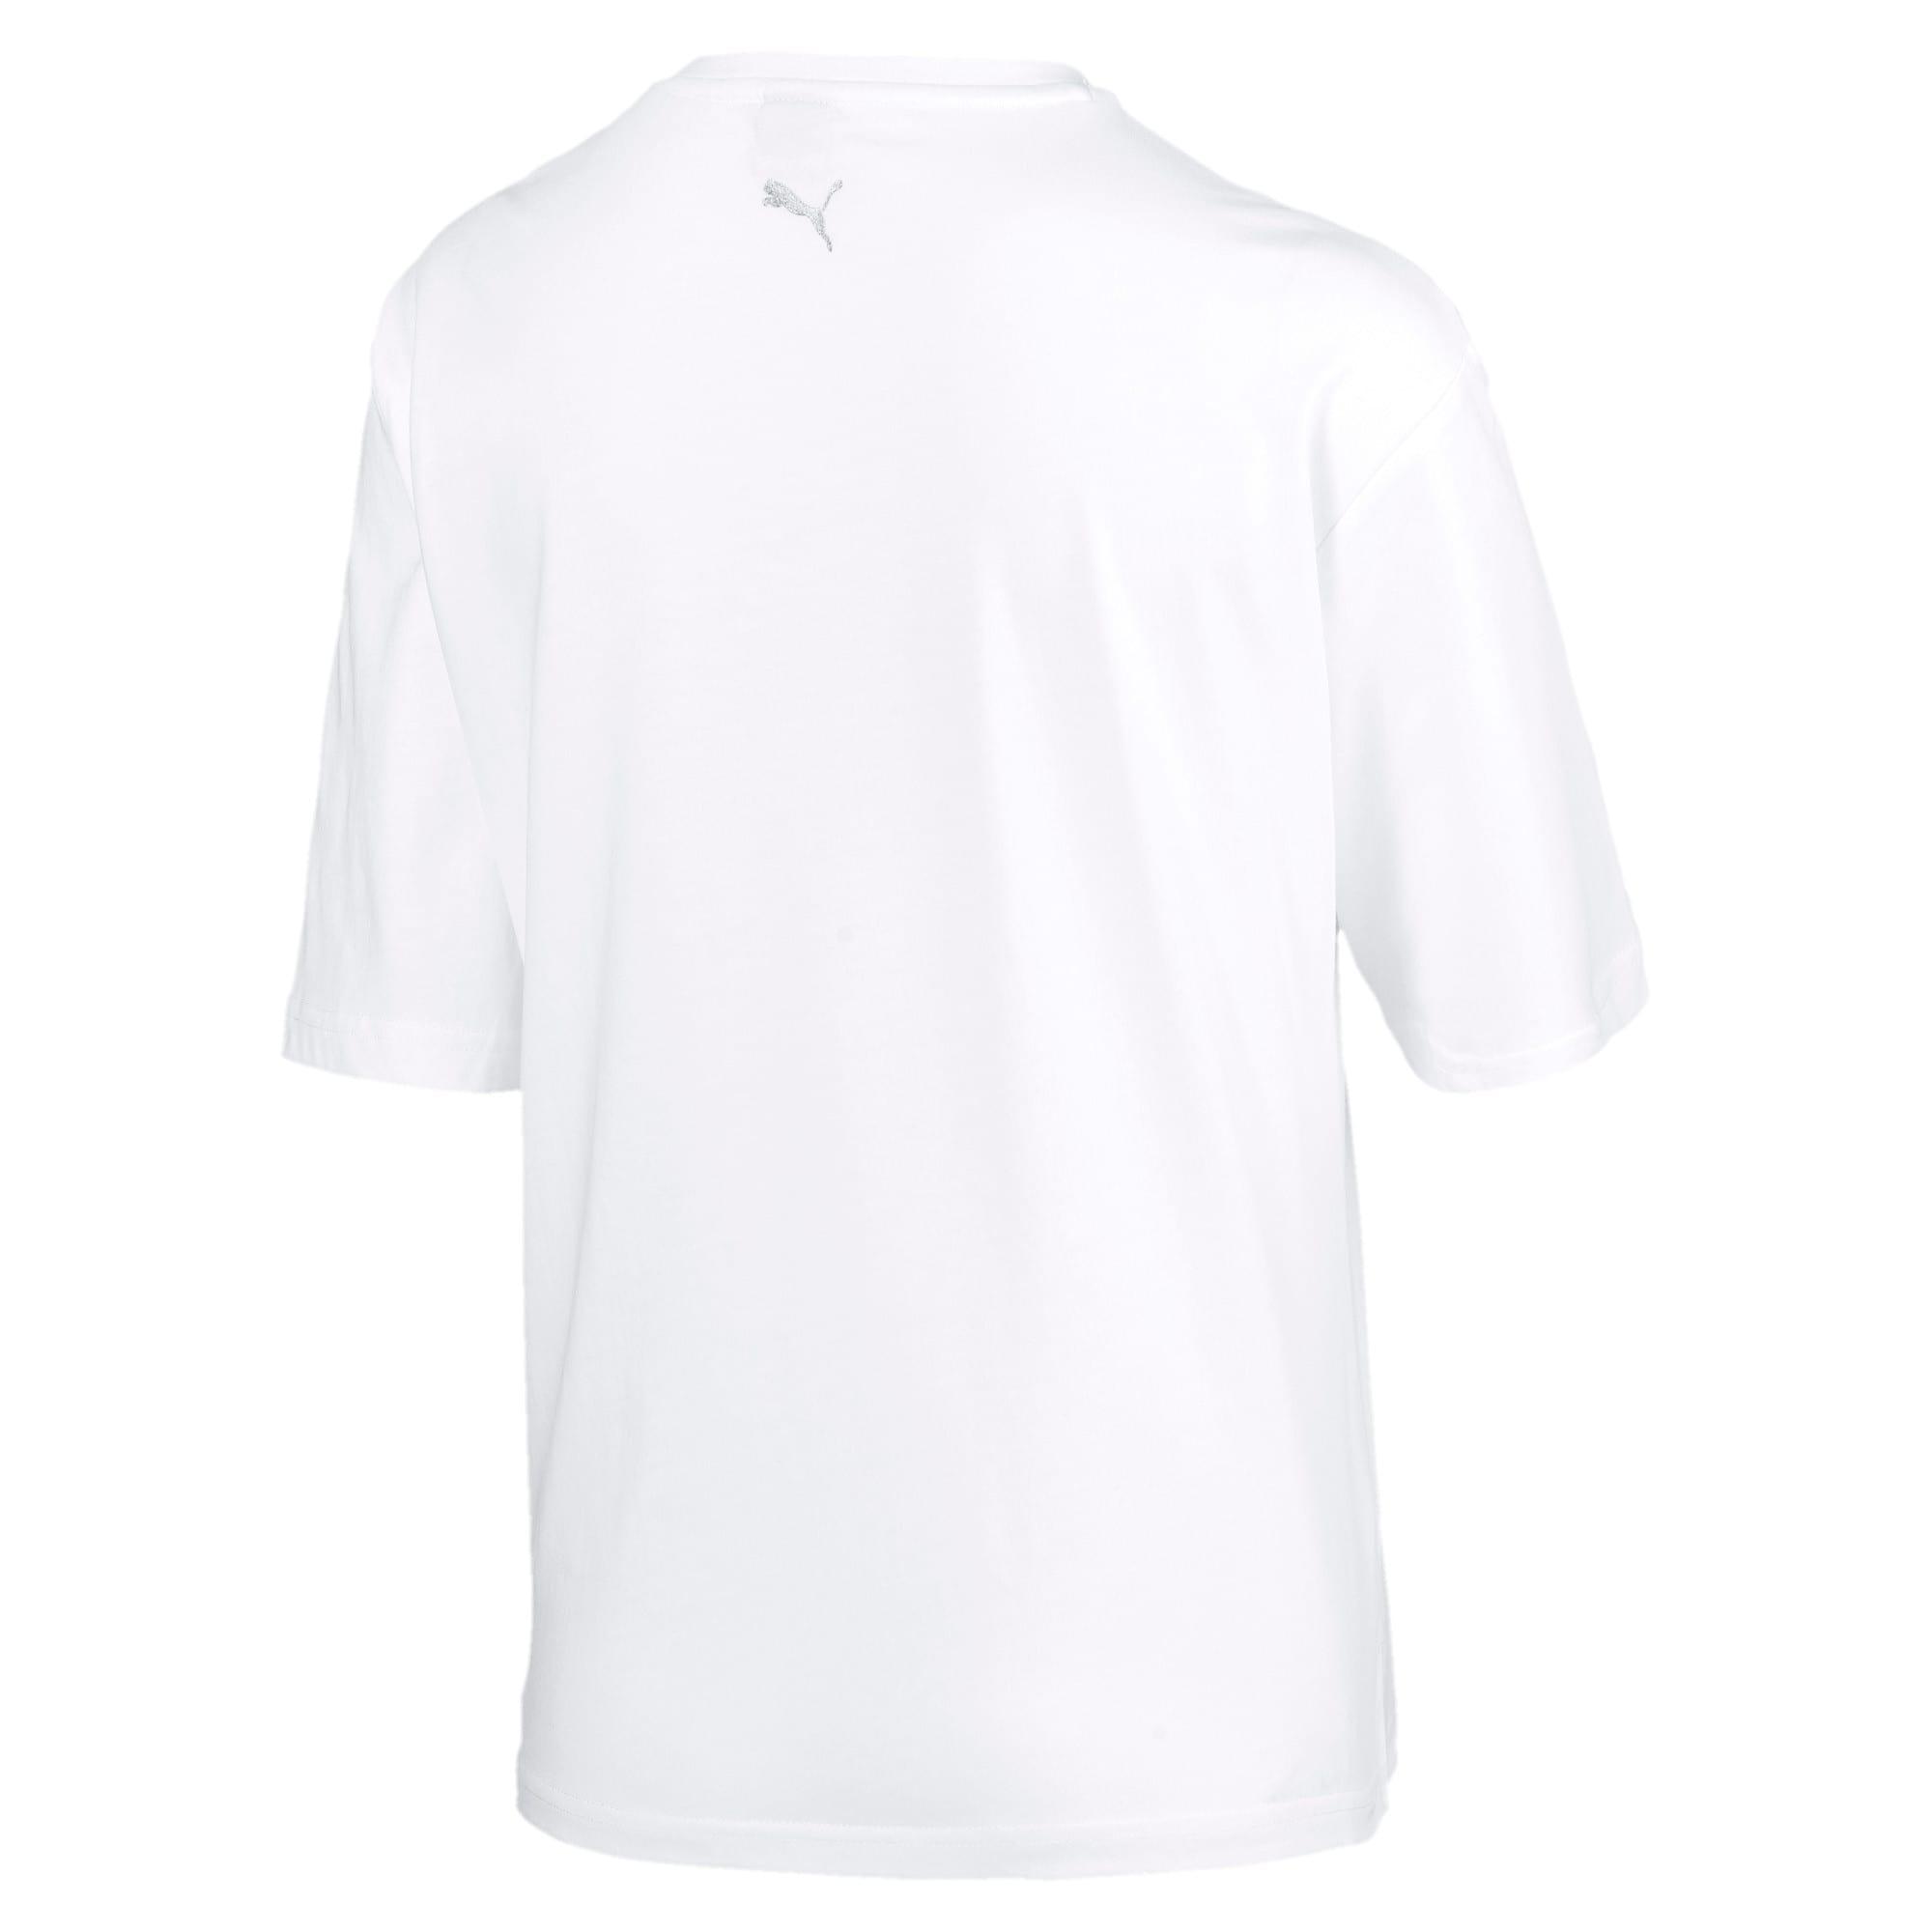 Miniatura 4 de Camiseta Trailblazer para mujer, Puma White, mediano